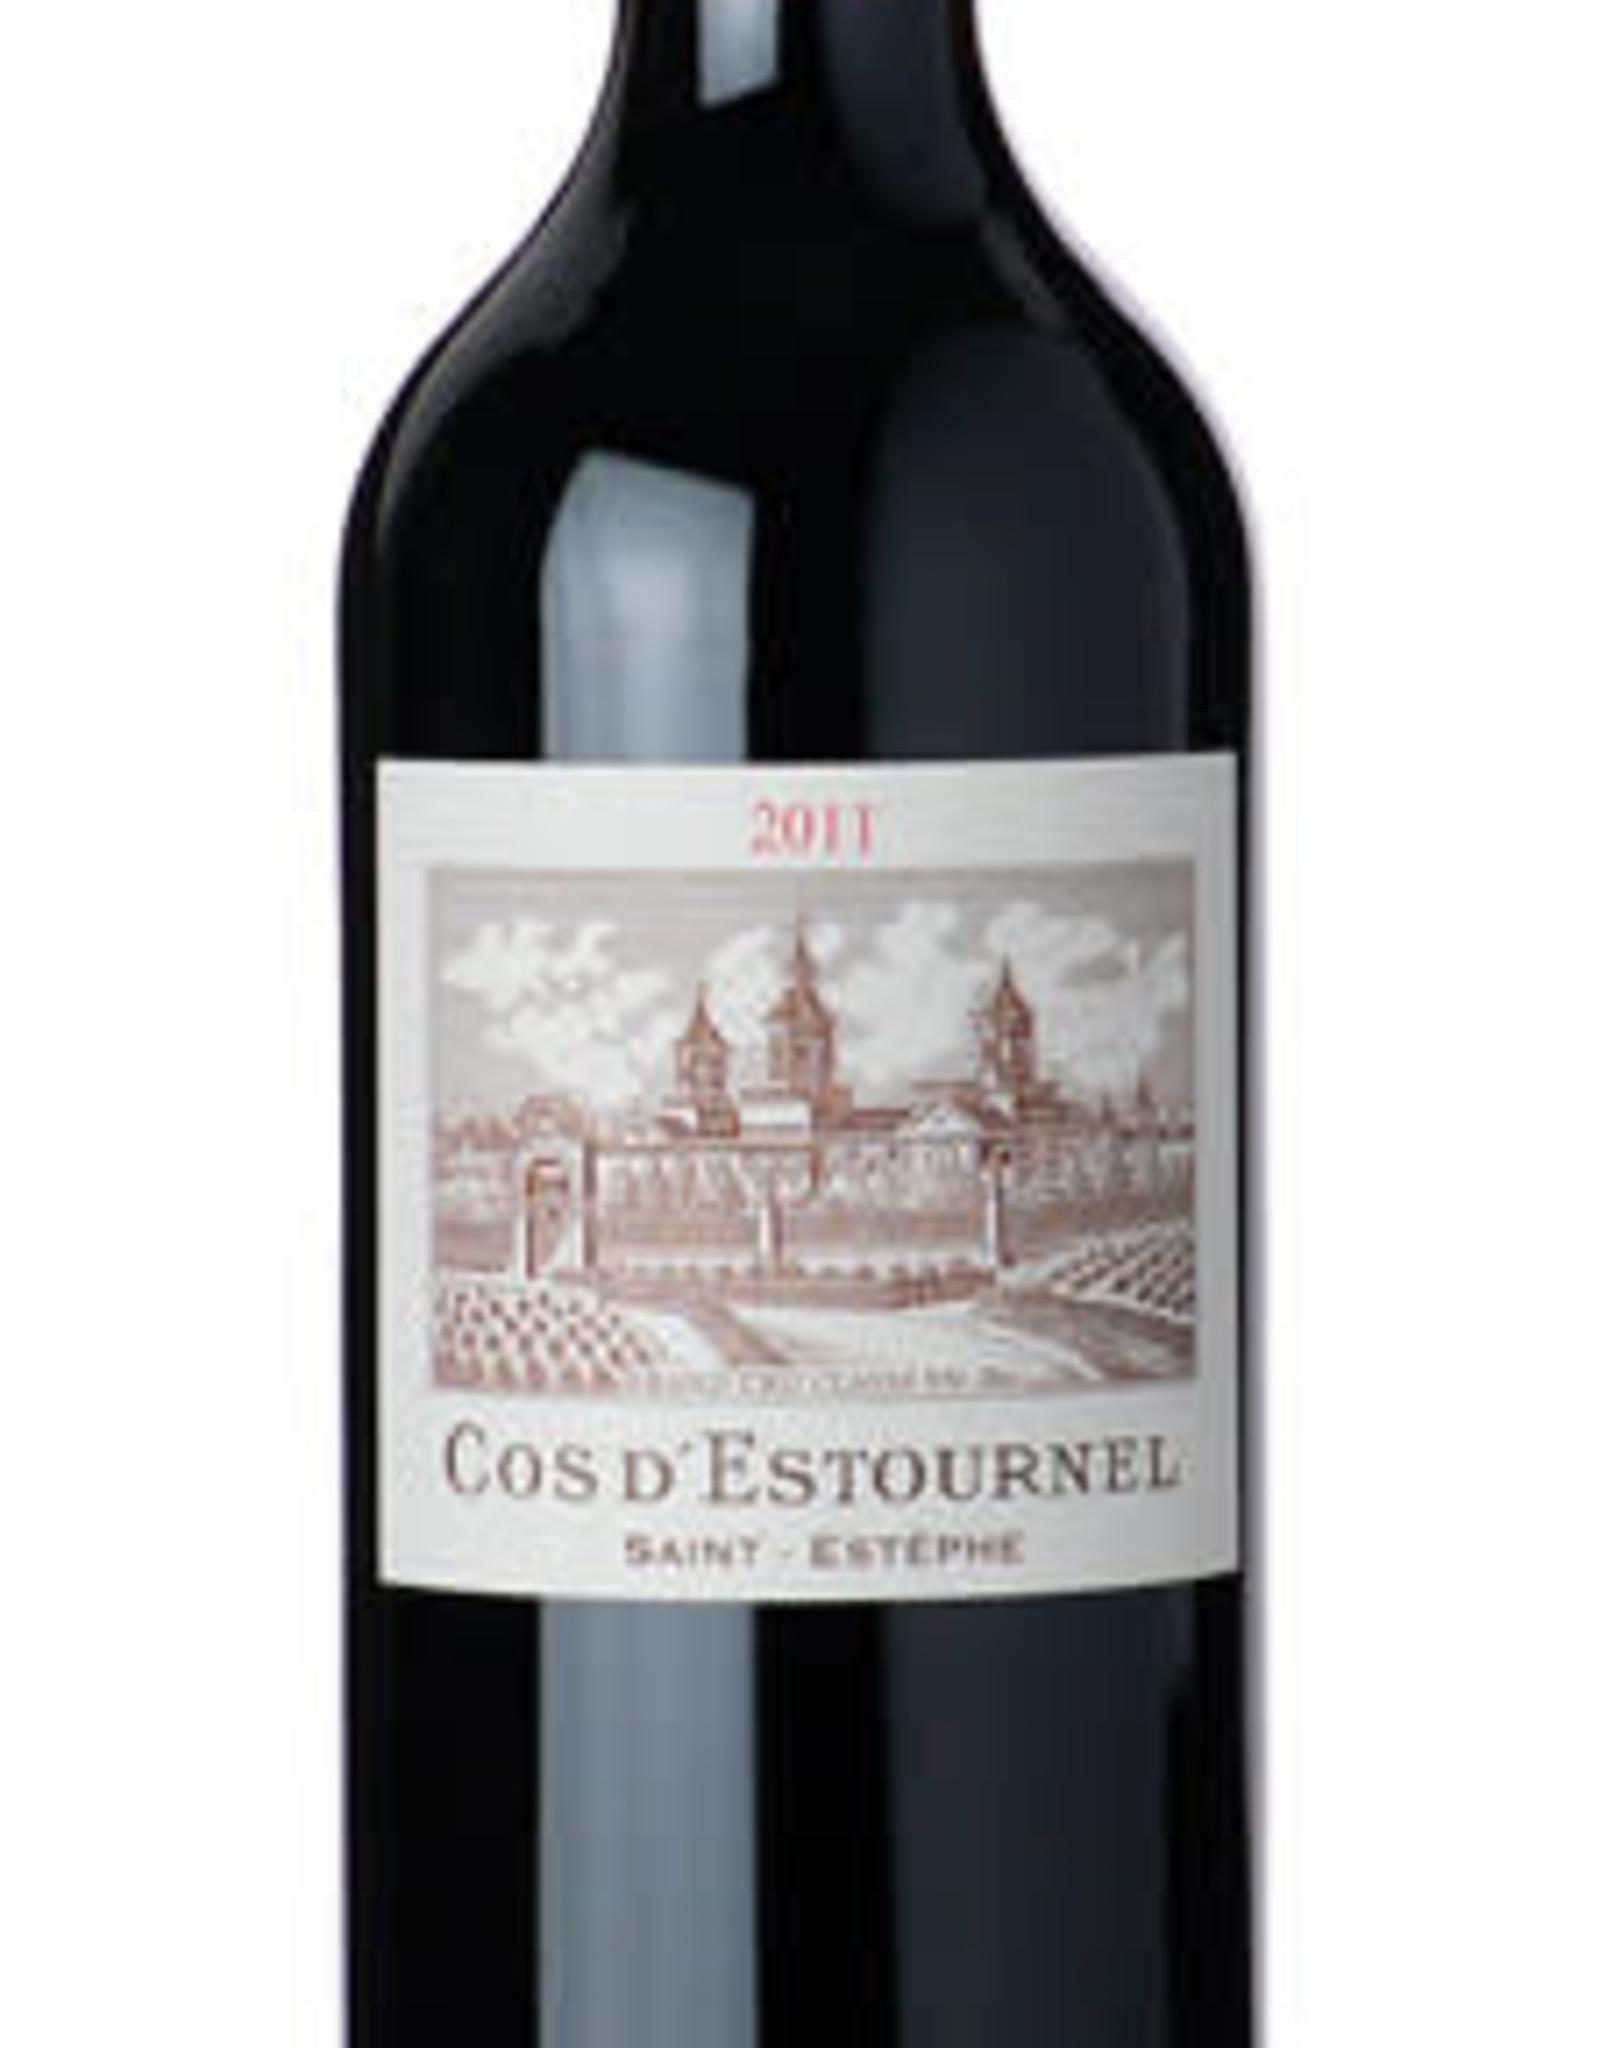 Bordeaux, Saint-Estephe, PAGODES DE COS, Cos d'Estrornel 2016